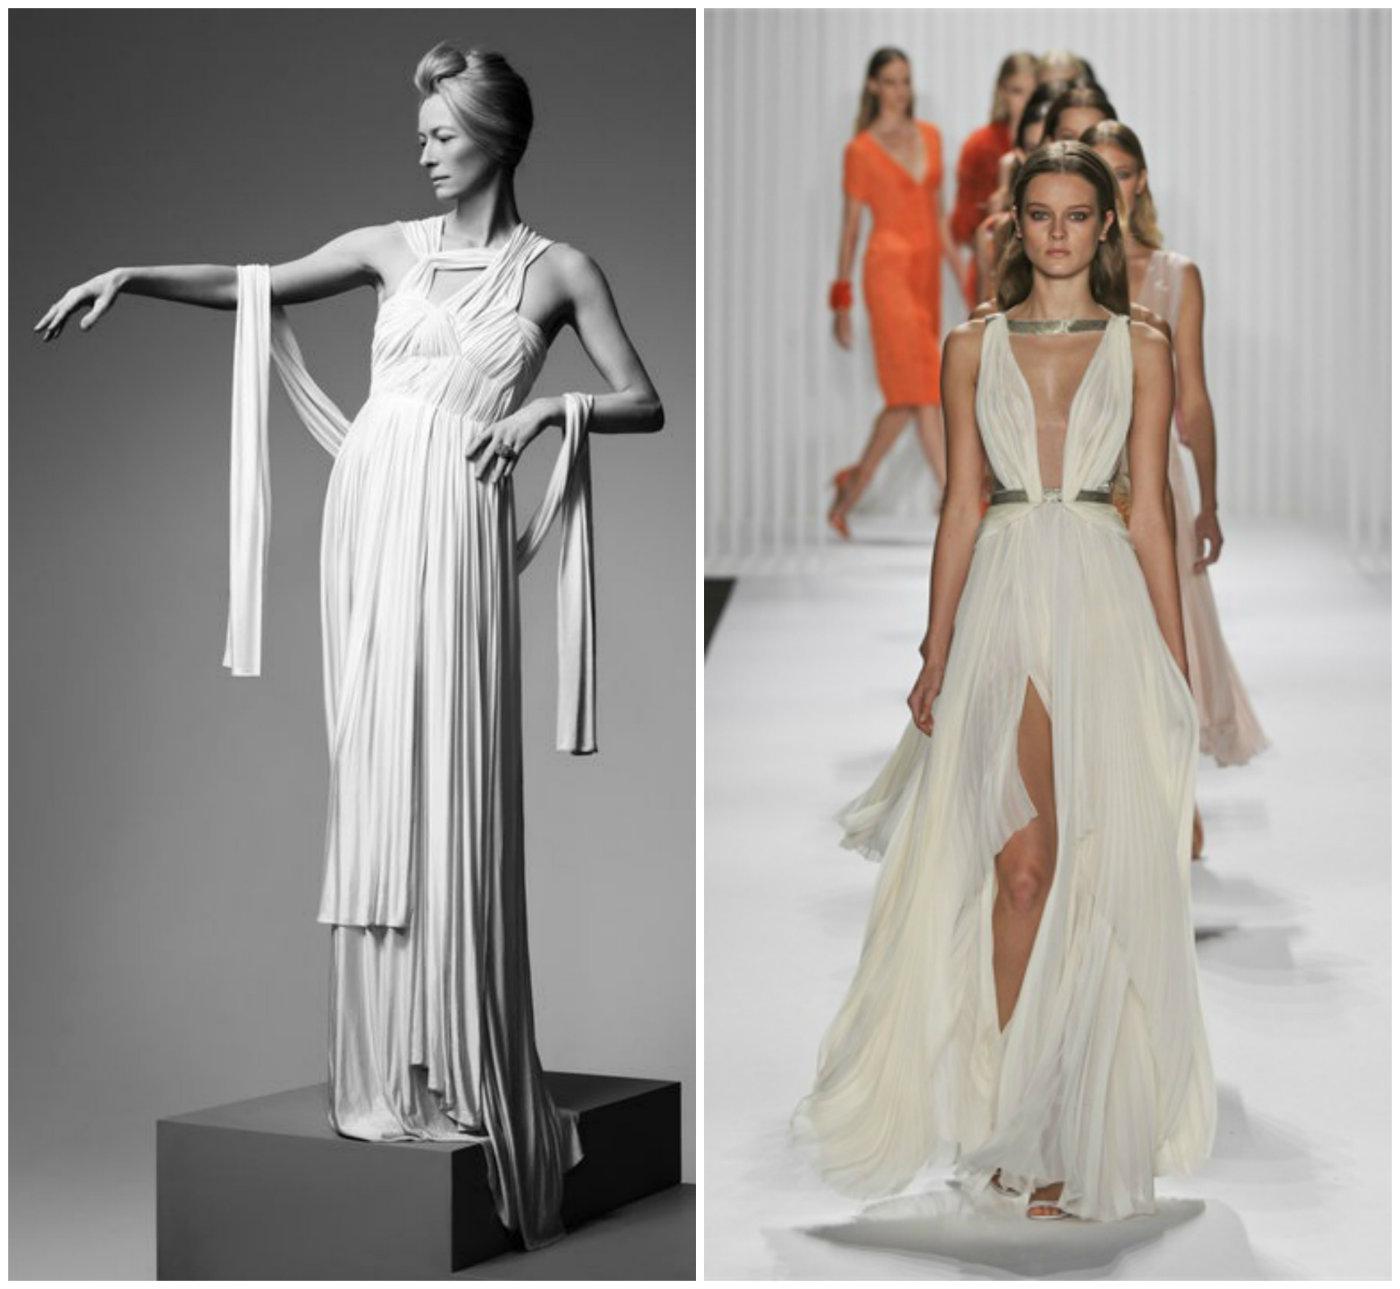 3 dress